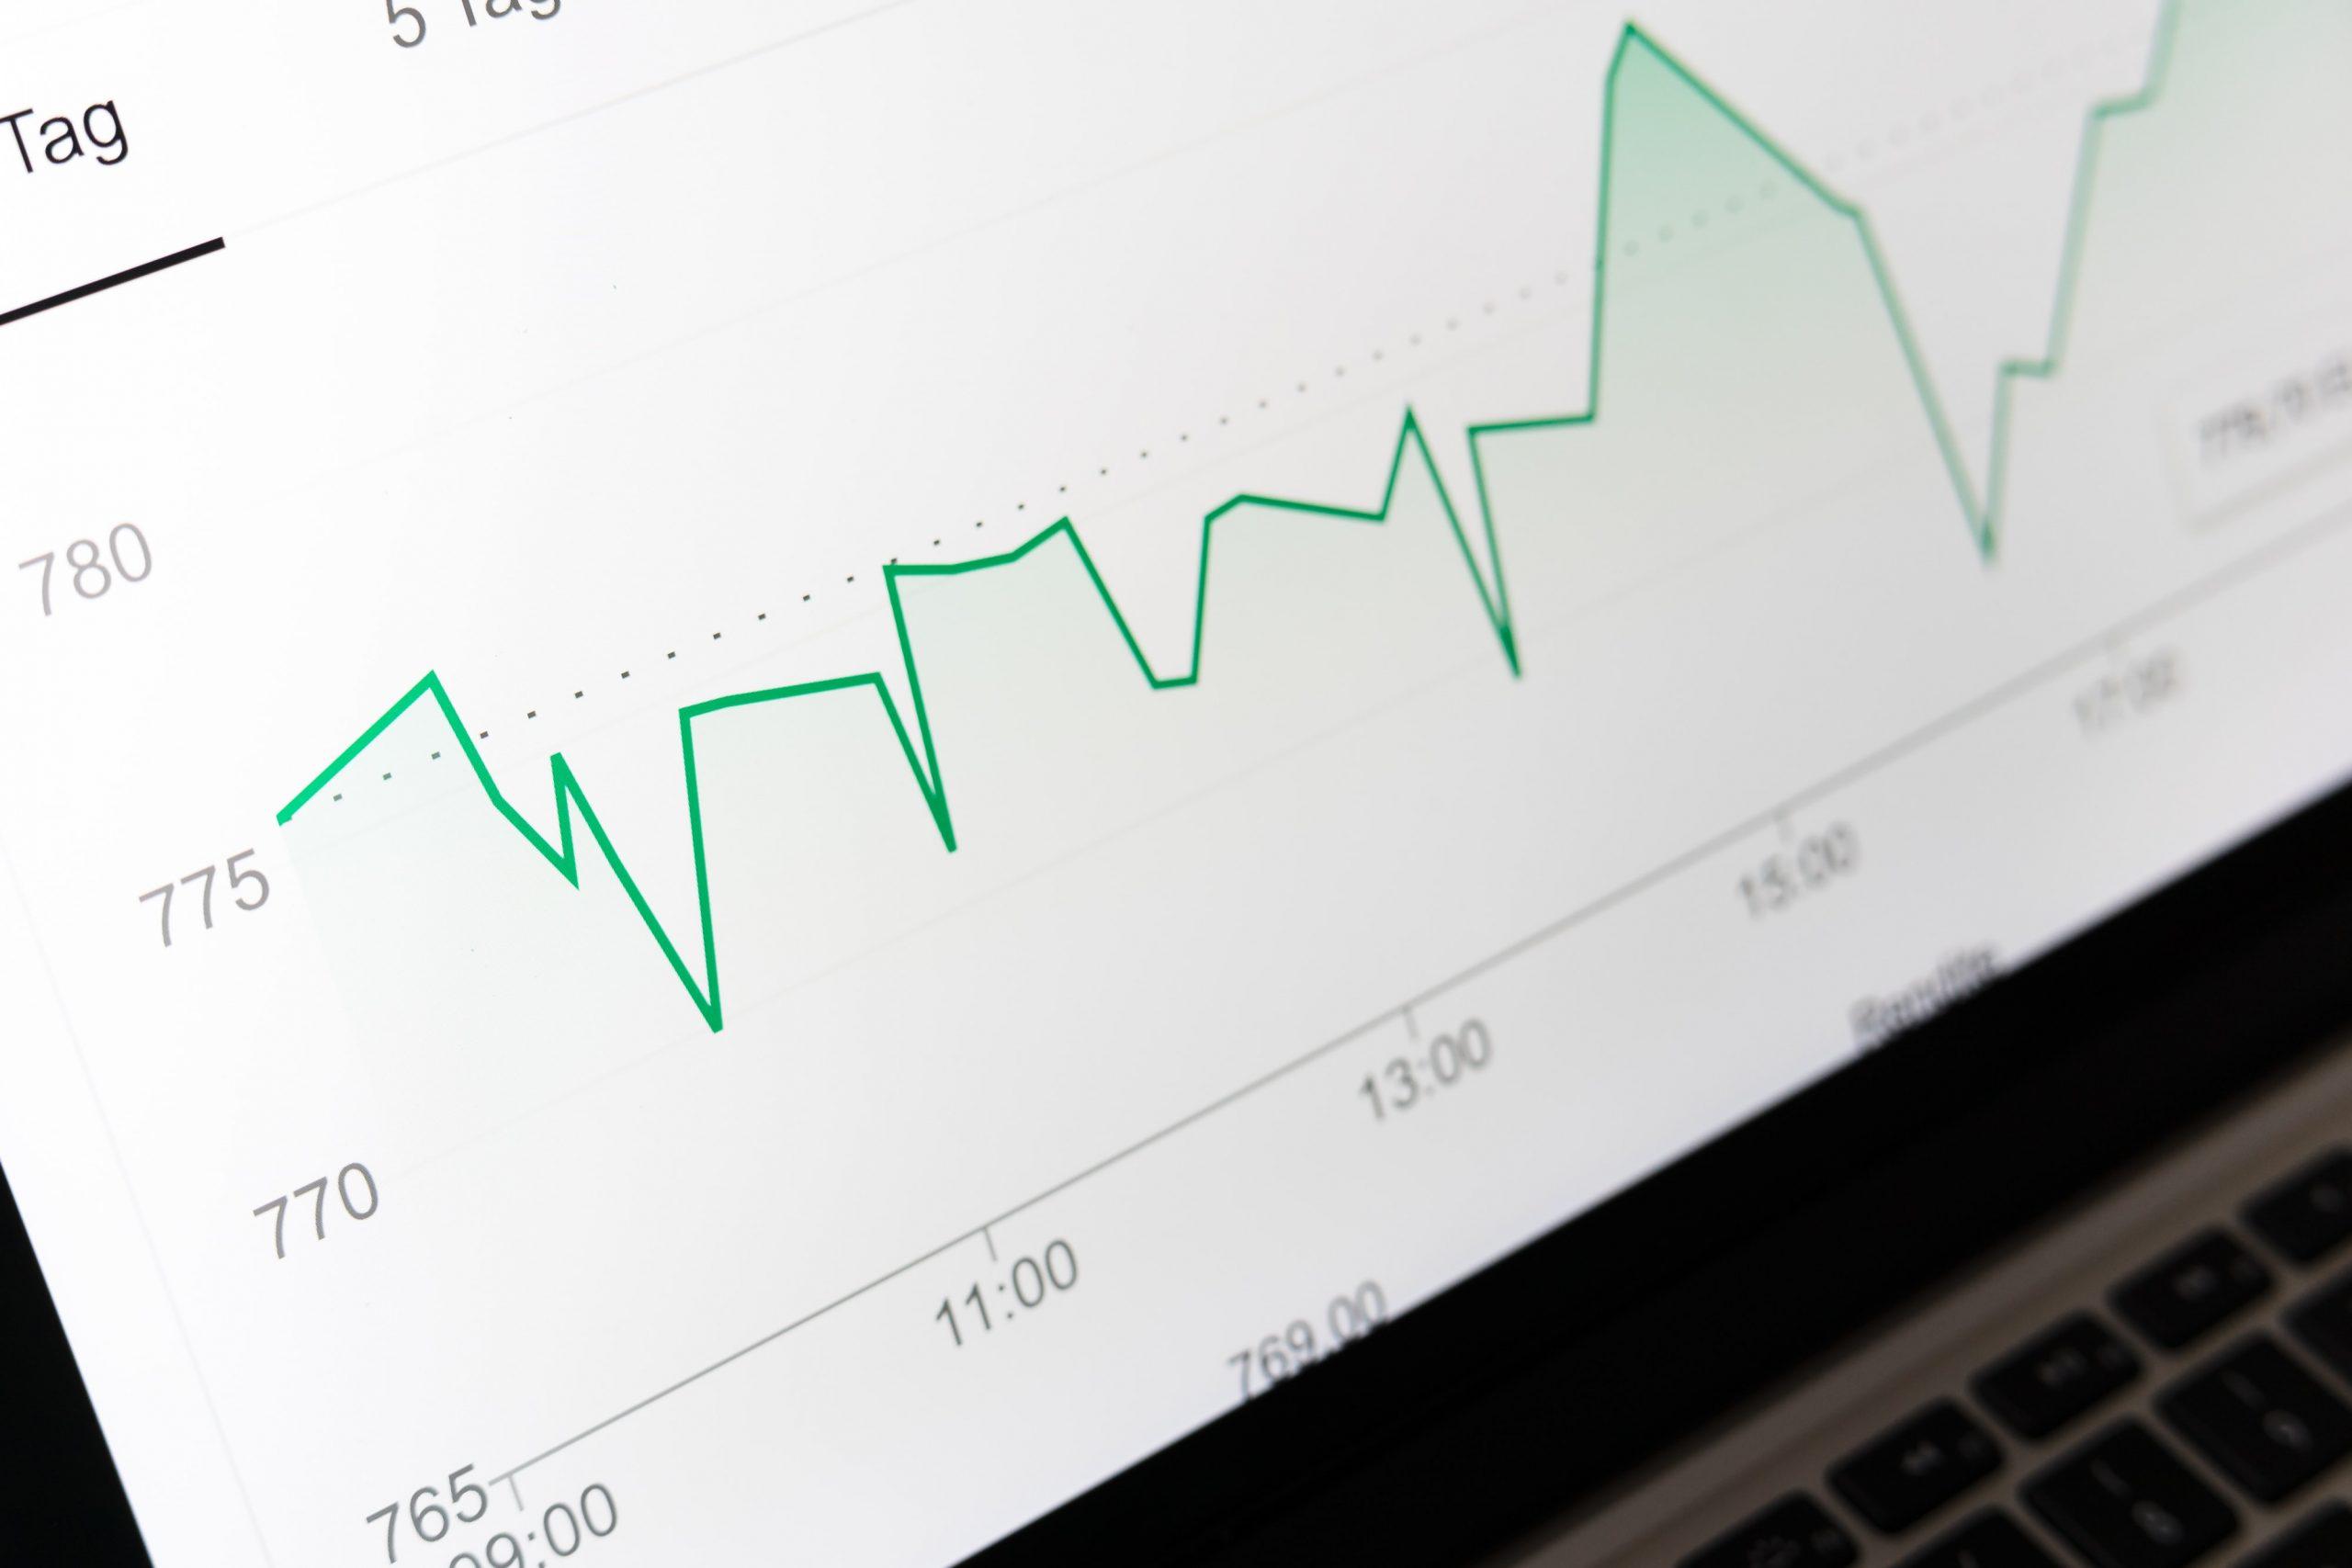 Performance based metrics